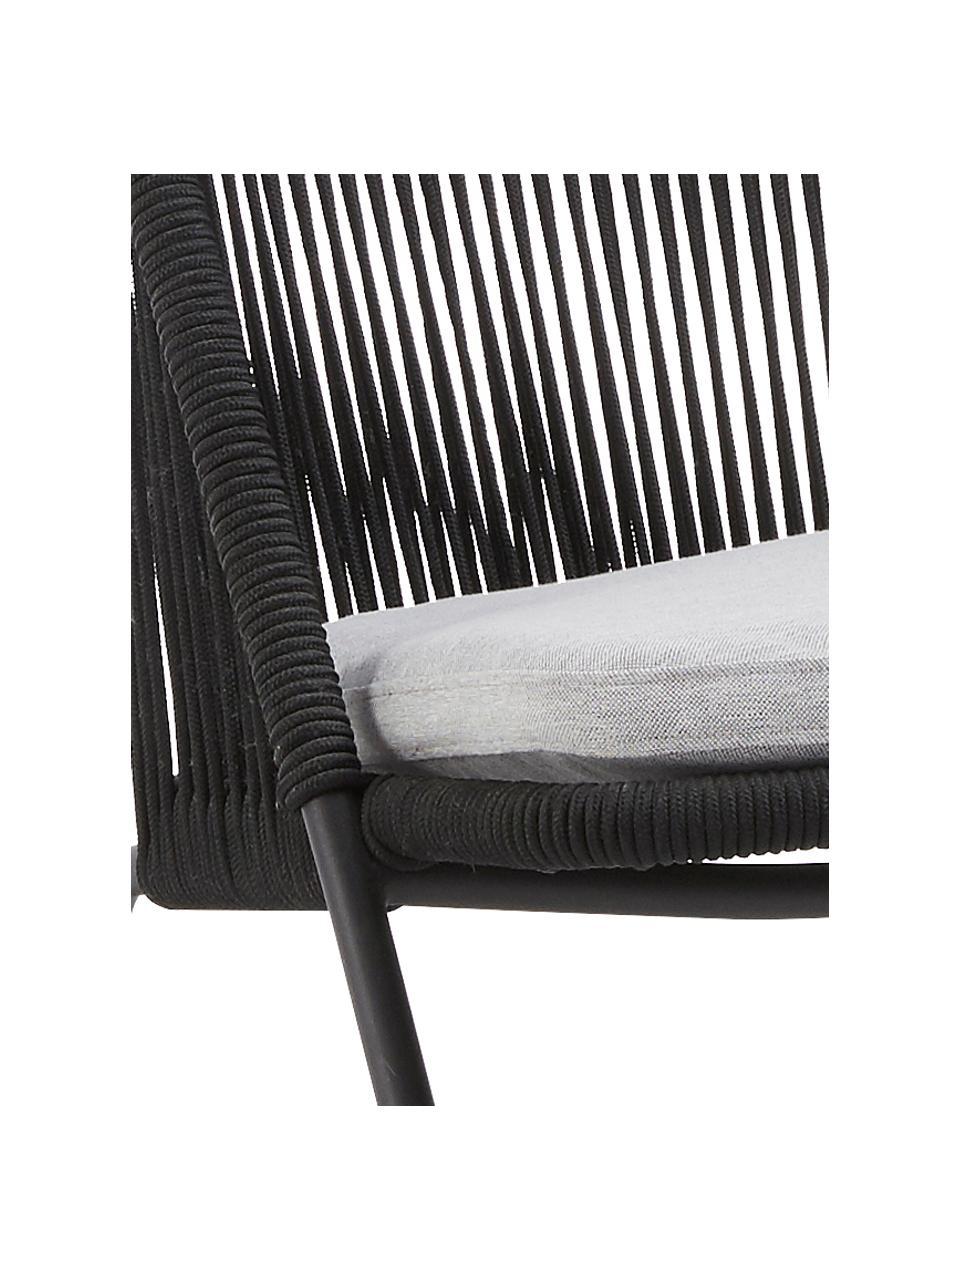 Fauteuil Shann met kunststoffen vlechtwerk, Zitvlak: polyethyleen vlechtwerk, Frame: gepoedercoat metaal, Zwart, lichtgrijs, B 63 x D 73 cm